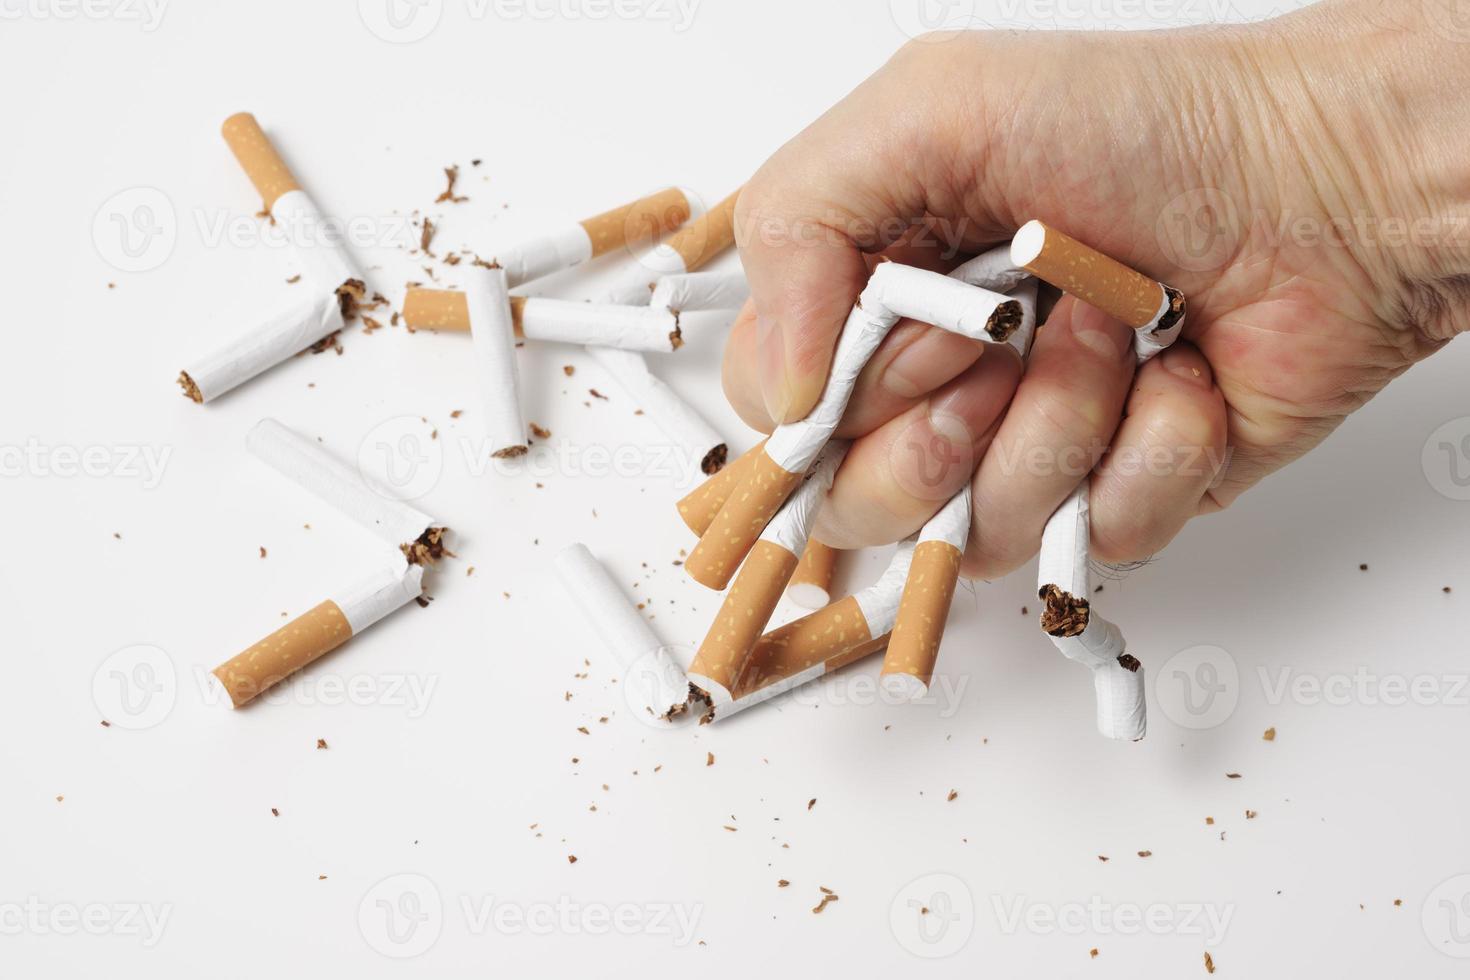 breken van sigaretten voor stoppen met roken op witte achtergrond foto